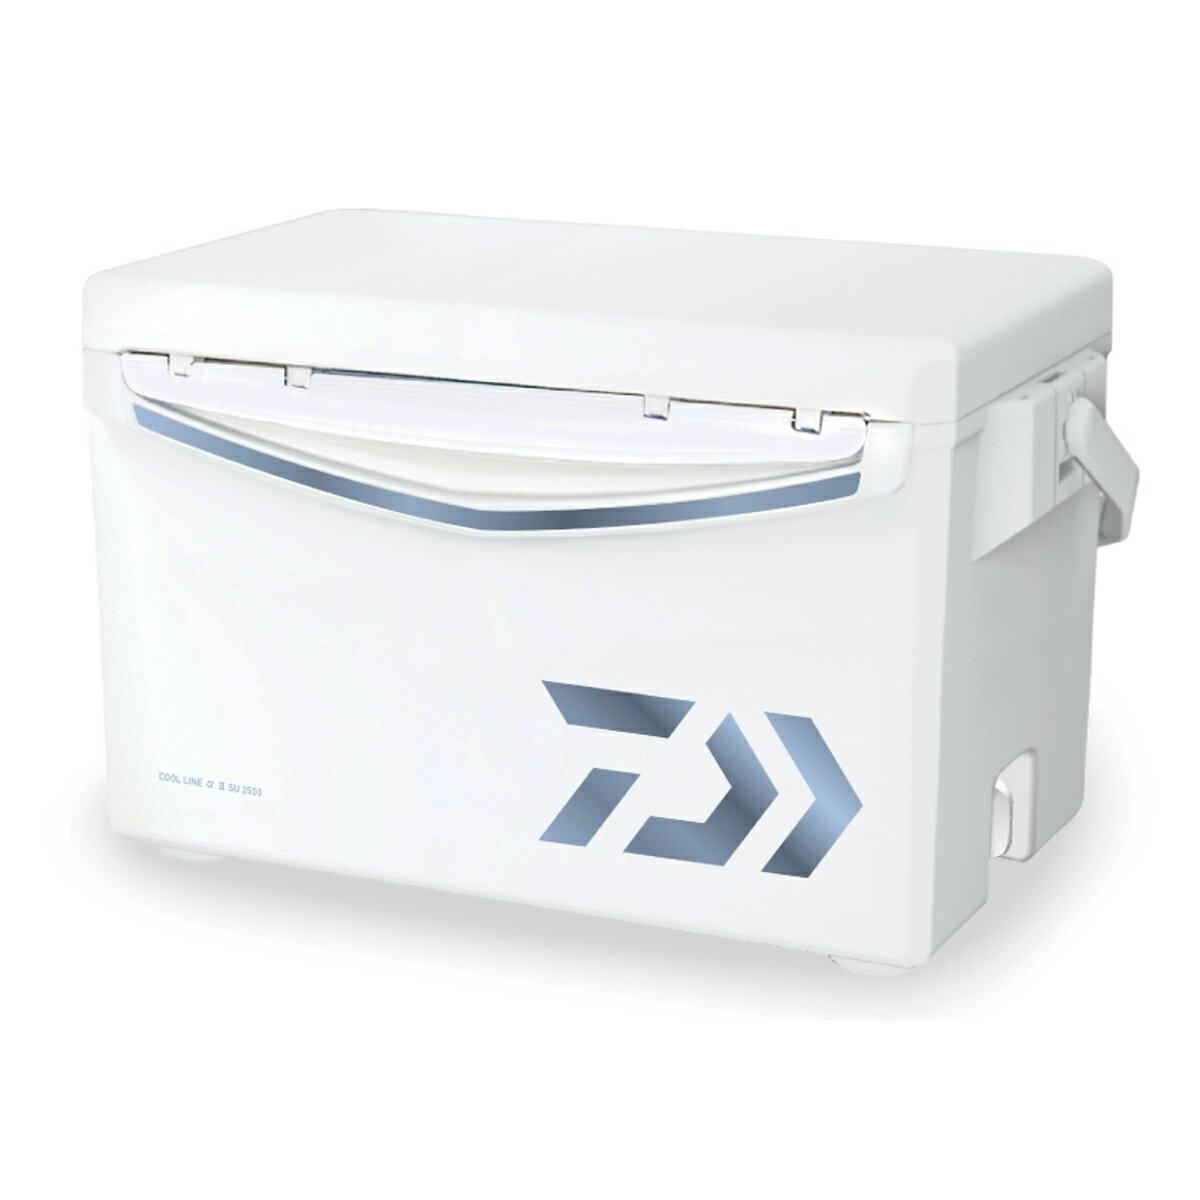 ダイワ クールラインα II SU 2500 アイスブルー クーラーボックス(東日本店)【同梱不可】